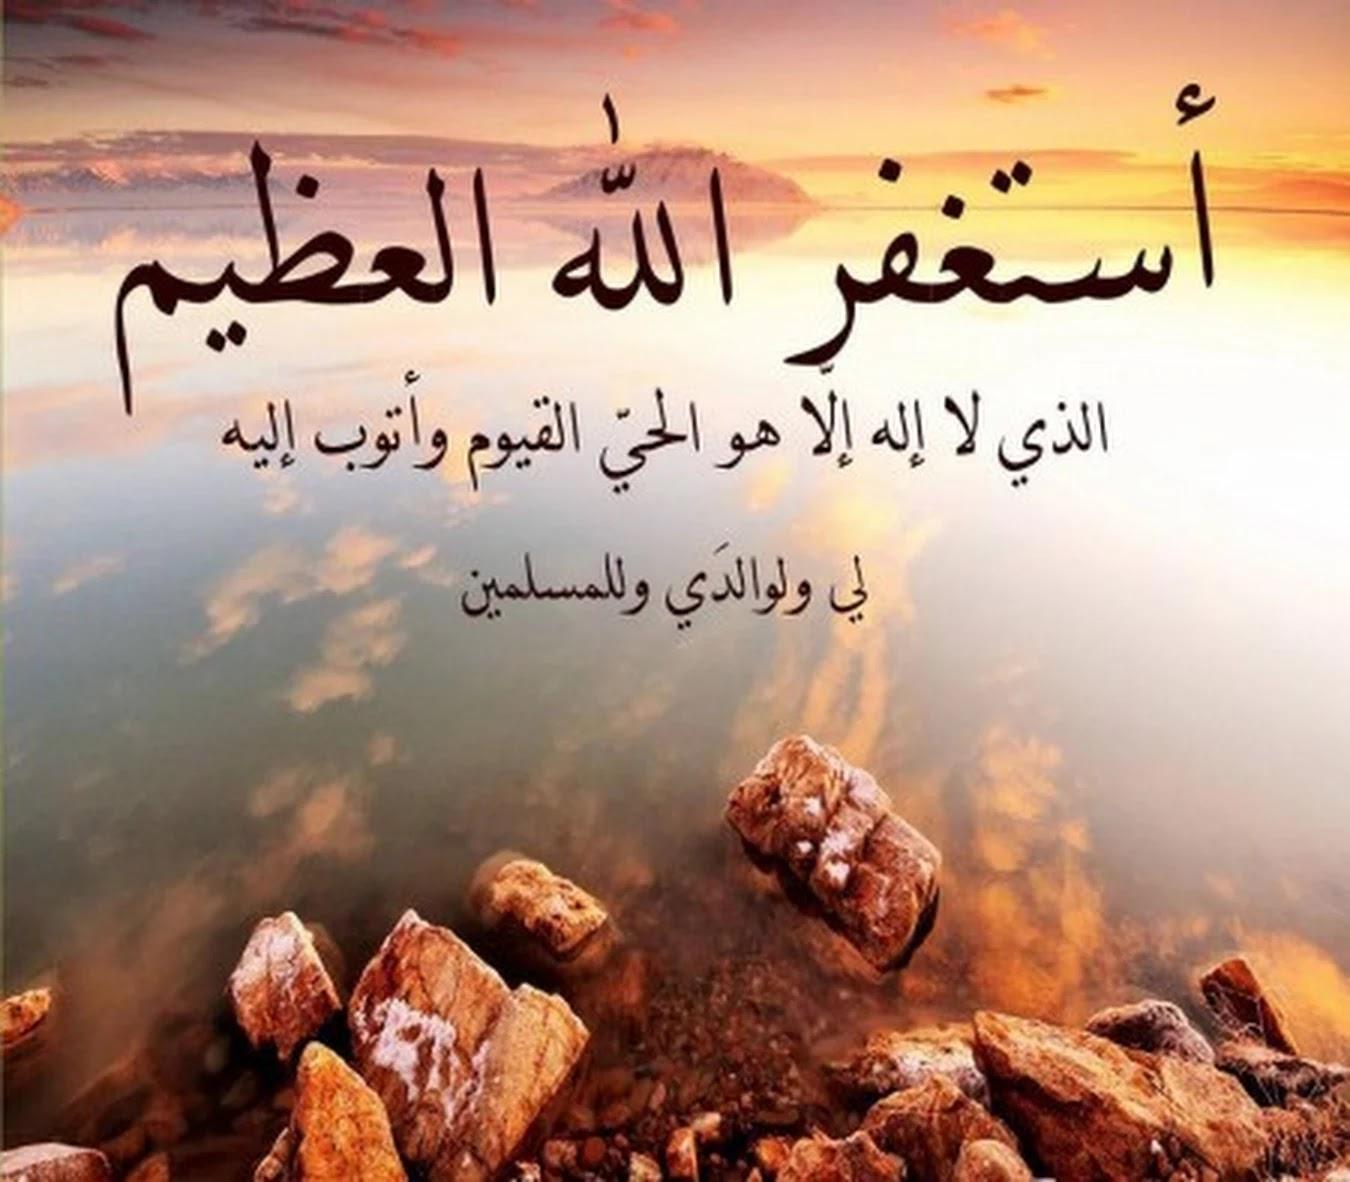 صورة عبارات دينية جميلة , اجمل العبارات الدينية 2473 7